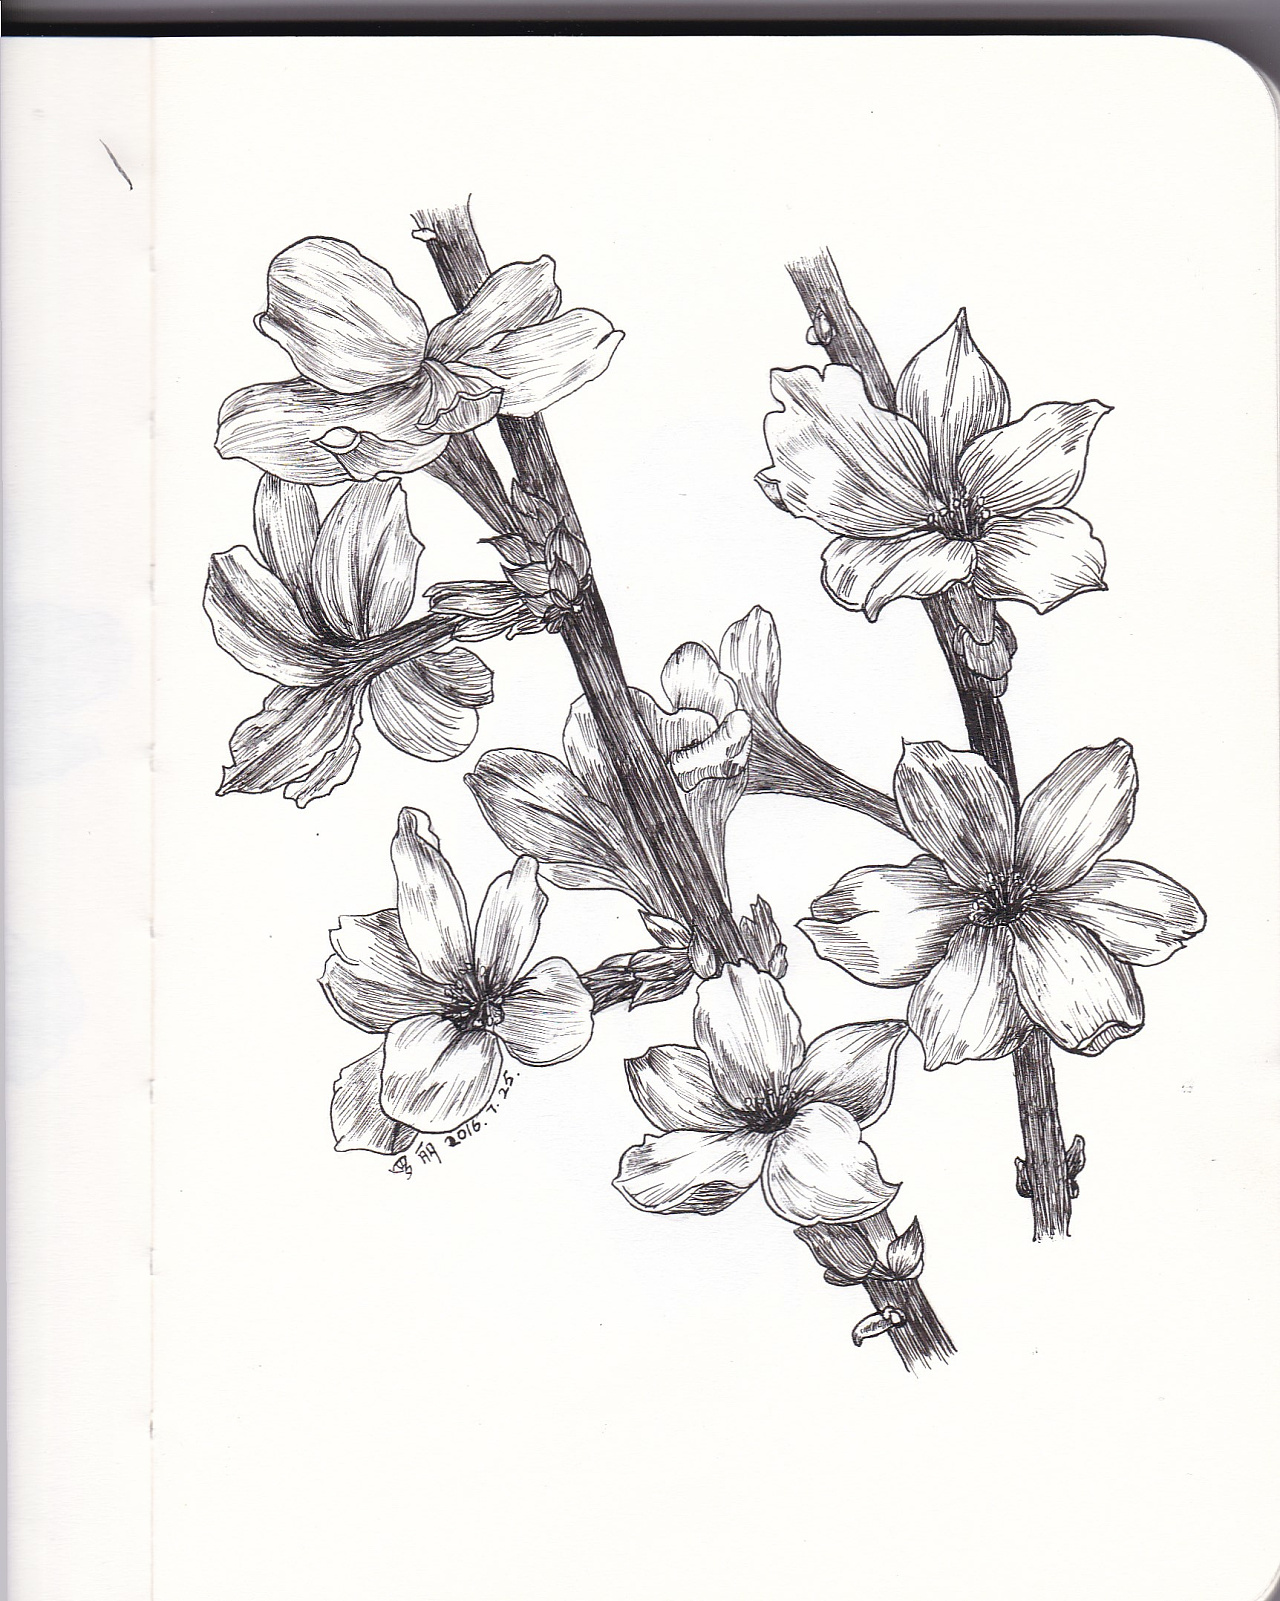 喜欢黑白钢笔画,喜欢线条,因此买书学习,希图片